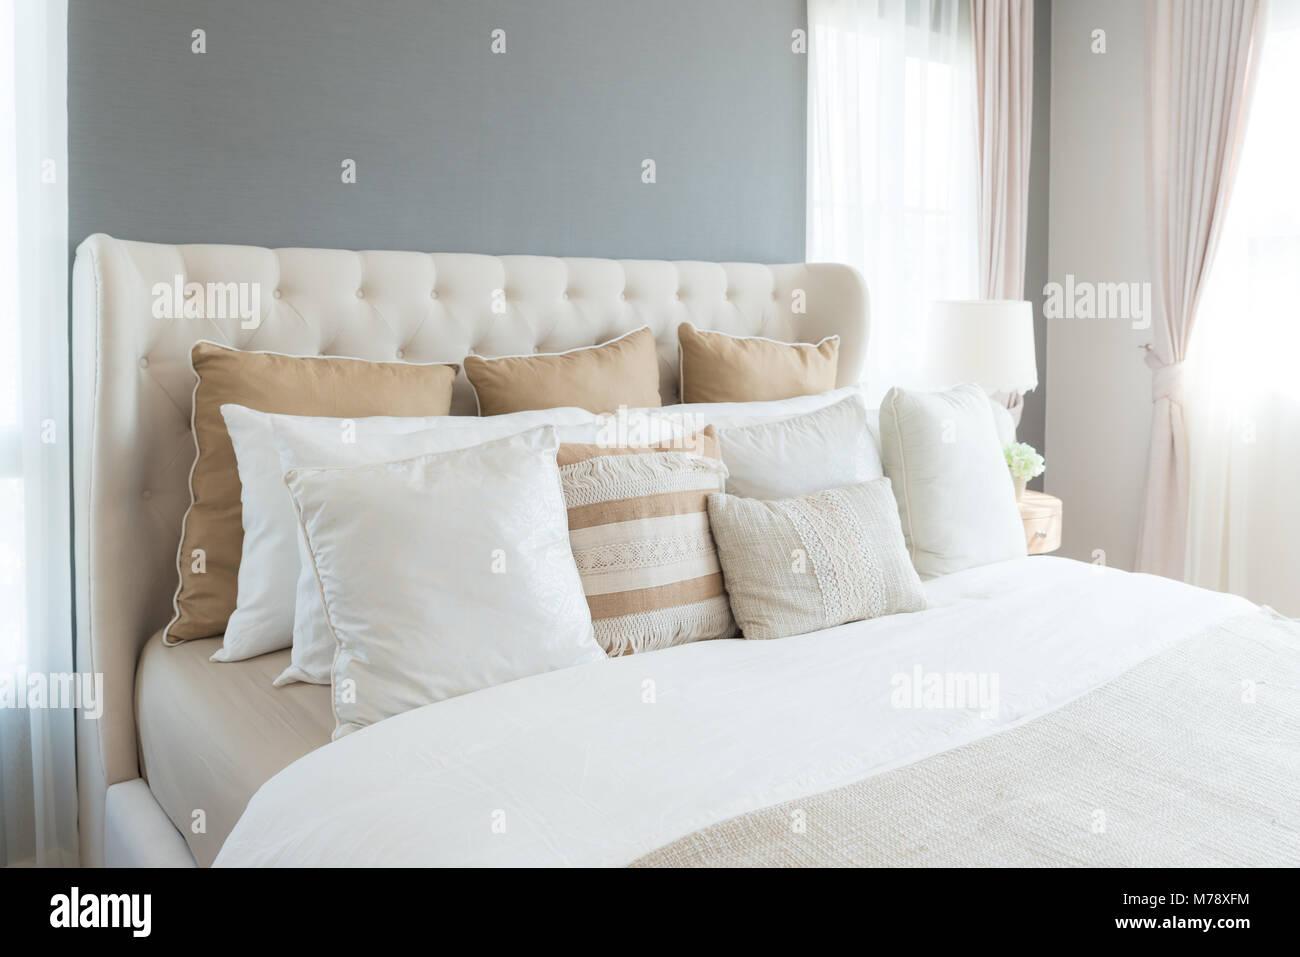 Attraktiv Schlafzimmer In Warmen Hellen Farben. Großes Bequemes Doppelbett Im  Eleganten Klassischen Schlafzimmer Zu Hause.